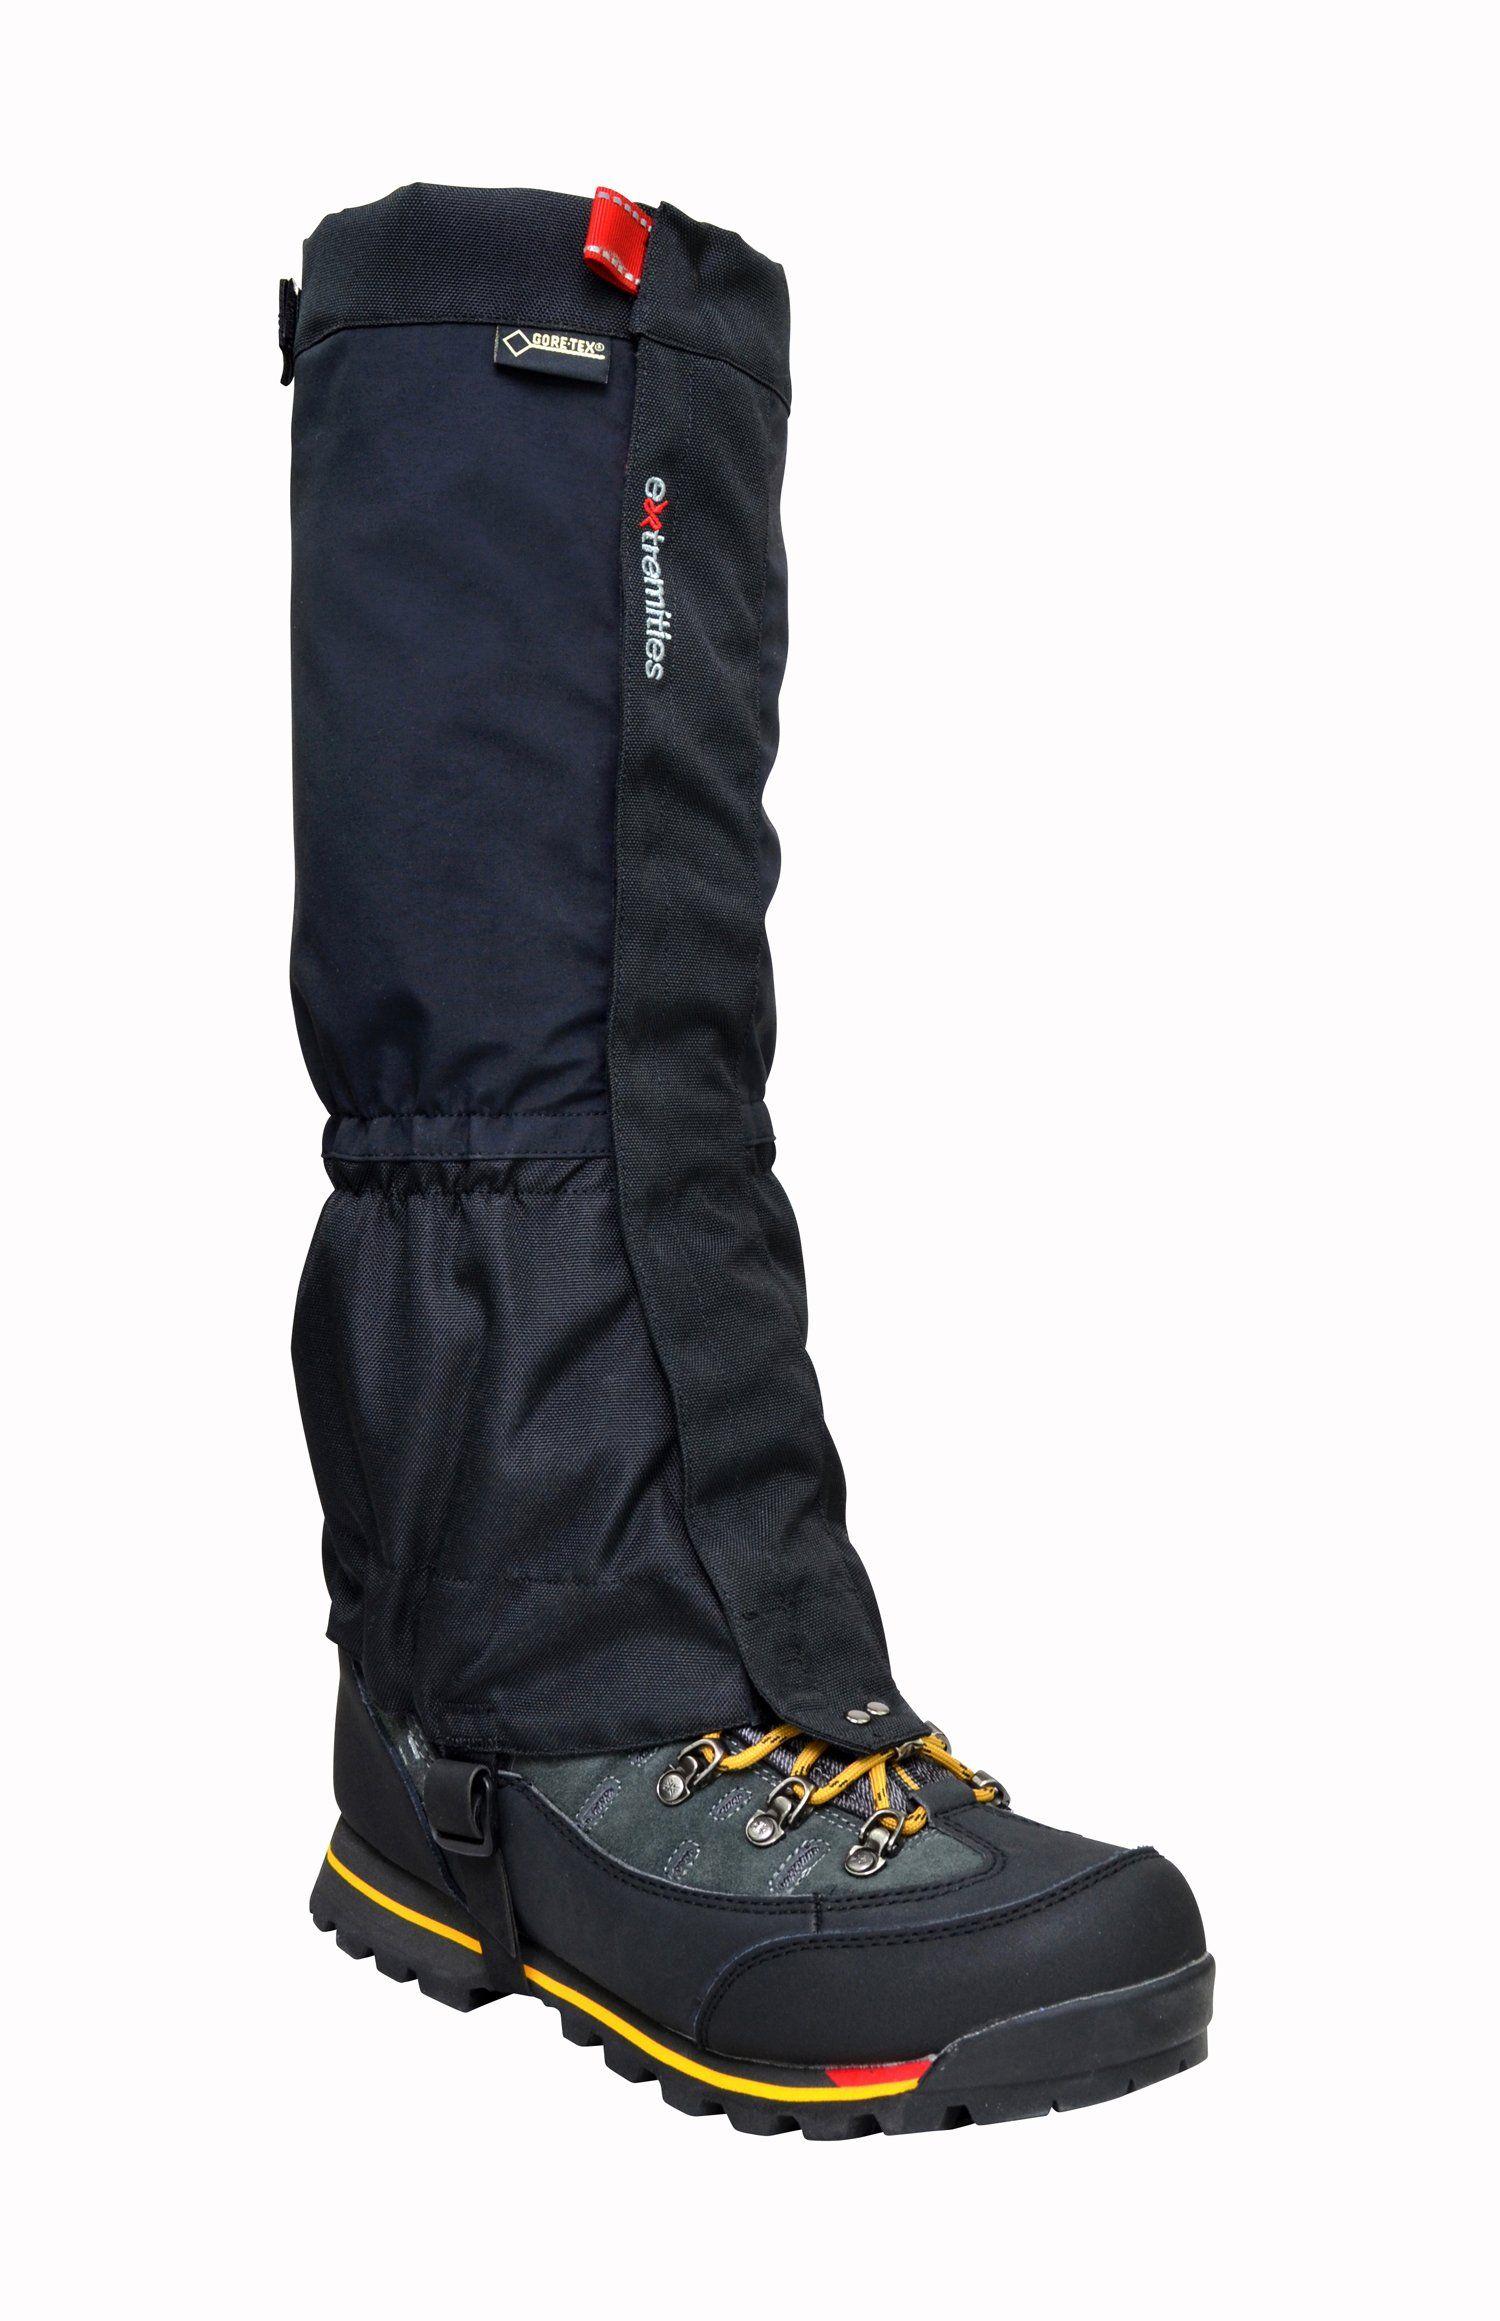 the best attitude 6e5d2 31212 Pin de Daan en Material deportivo de Montaña en Daan   Pinterest   Hiking,  Nova y Trekking